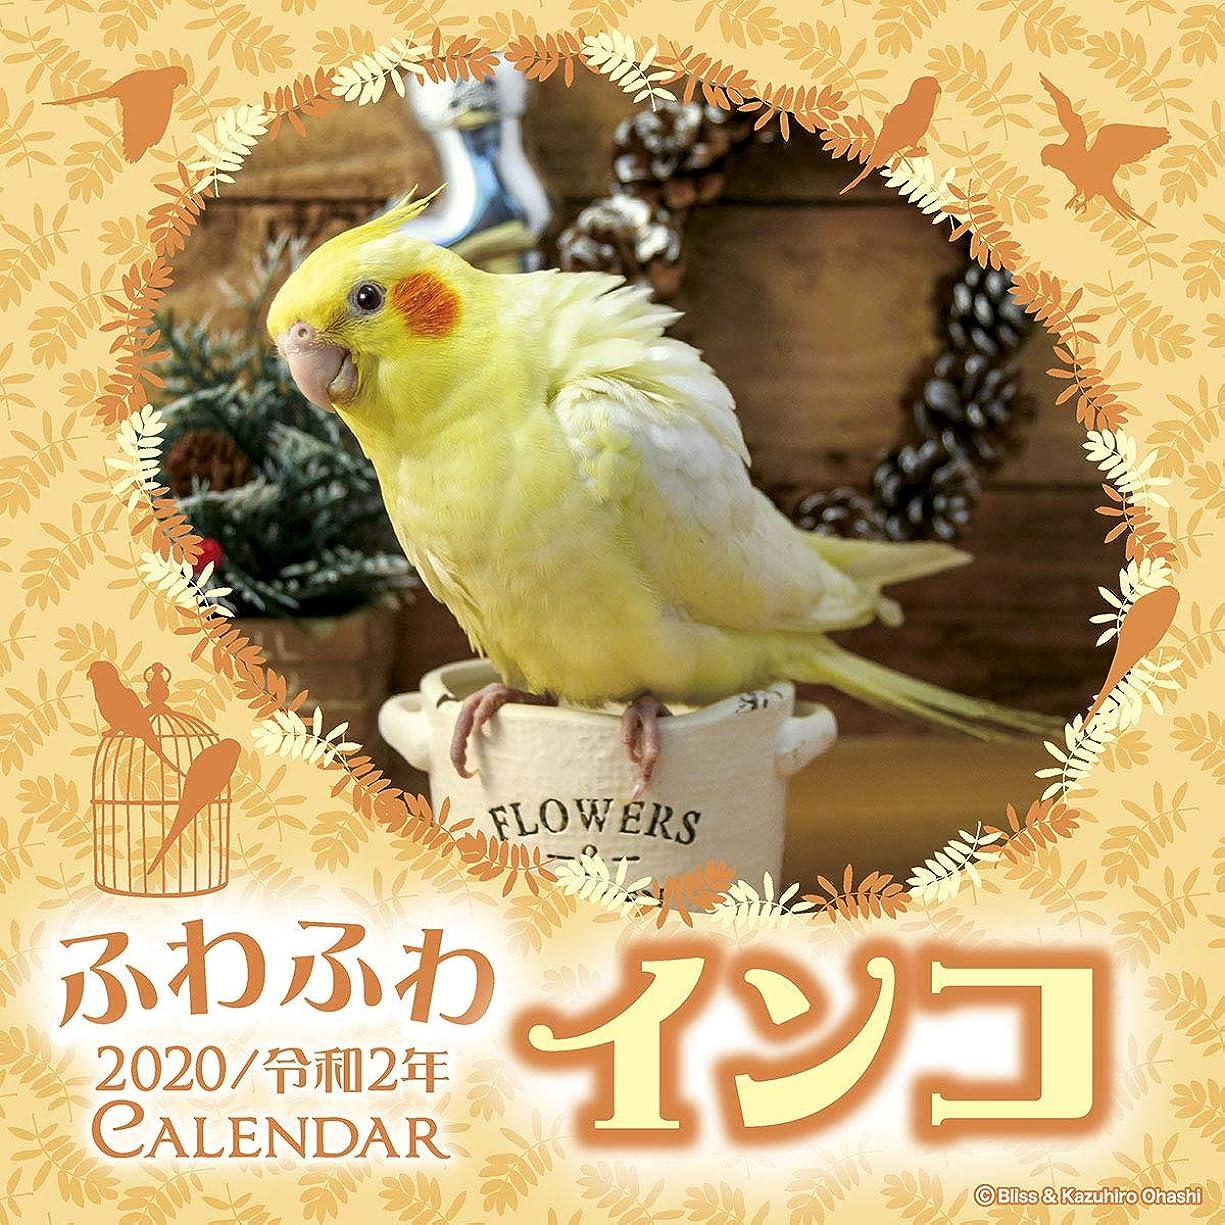 ずるいクレデンシャルクリームトライエックス ふわふわインコ 2020年 カレンダー CL-398 壁掛け 鳥